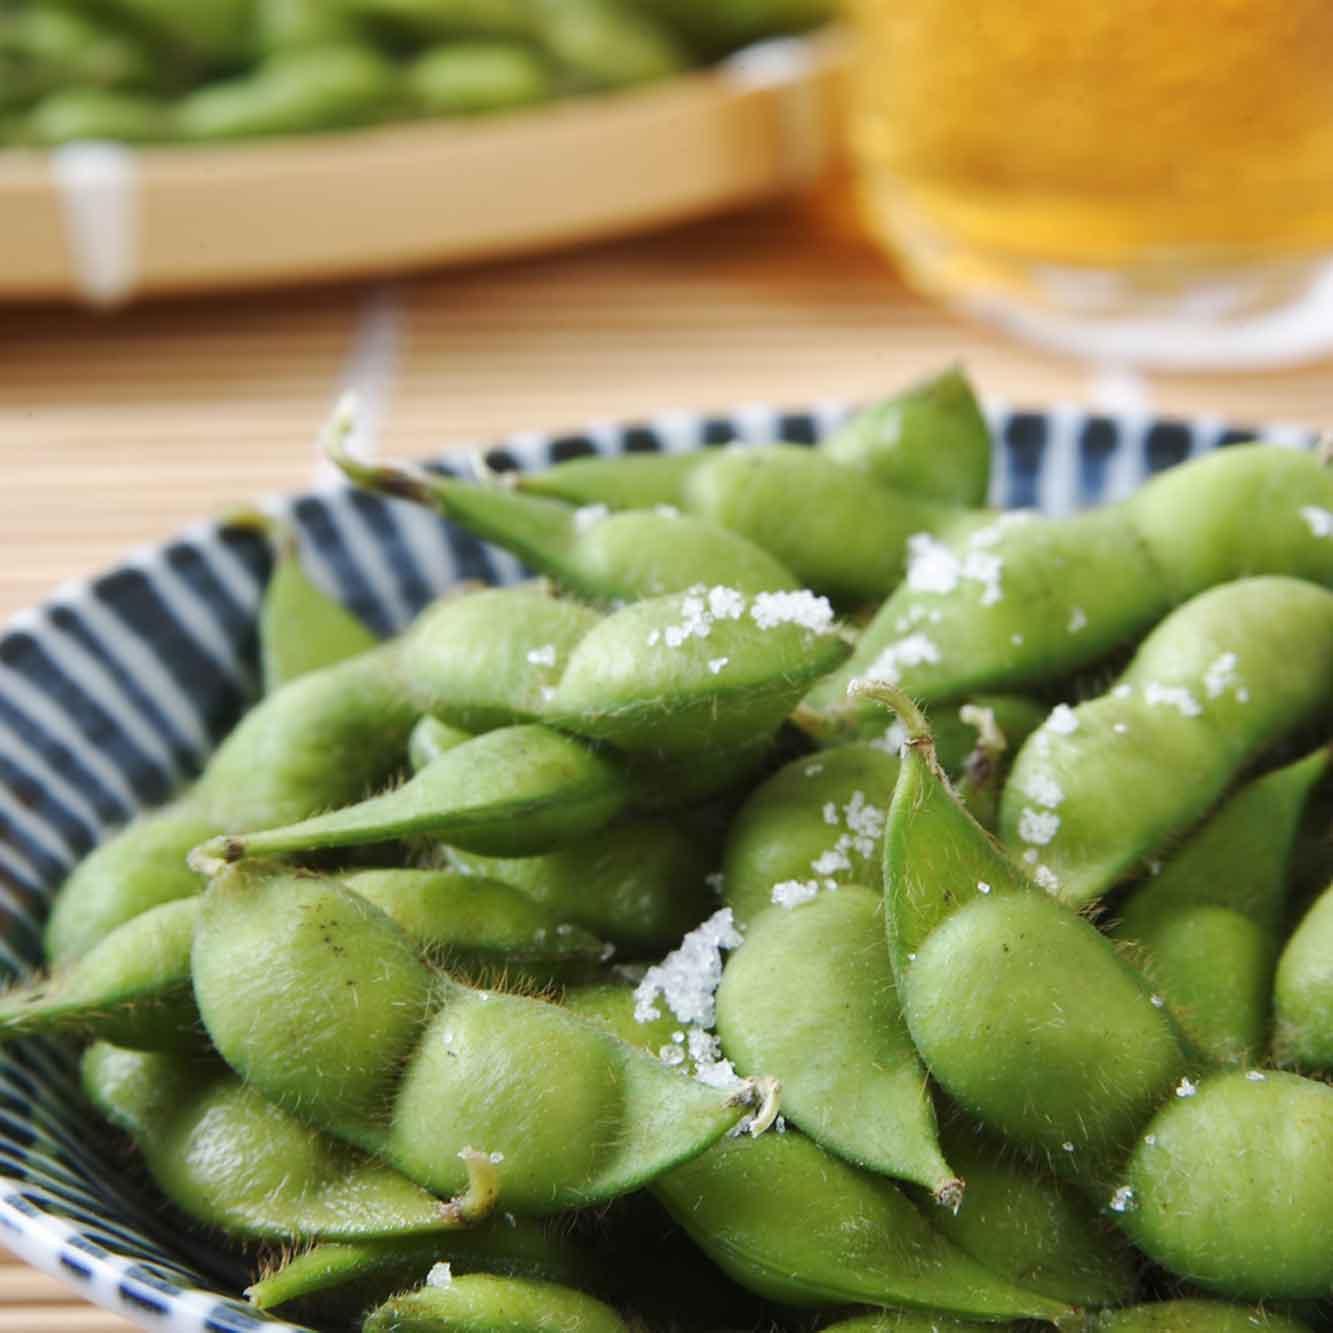 山形県アンテナショップおいしい山形 素材を訪ねて|だだちゃ豆:                     だだちゃ豆には旨味成分のもととなる「アミノ酸」が豊富に含まれています。